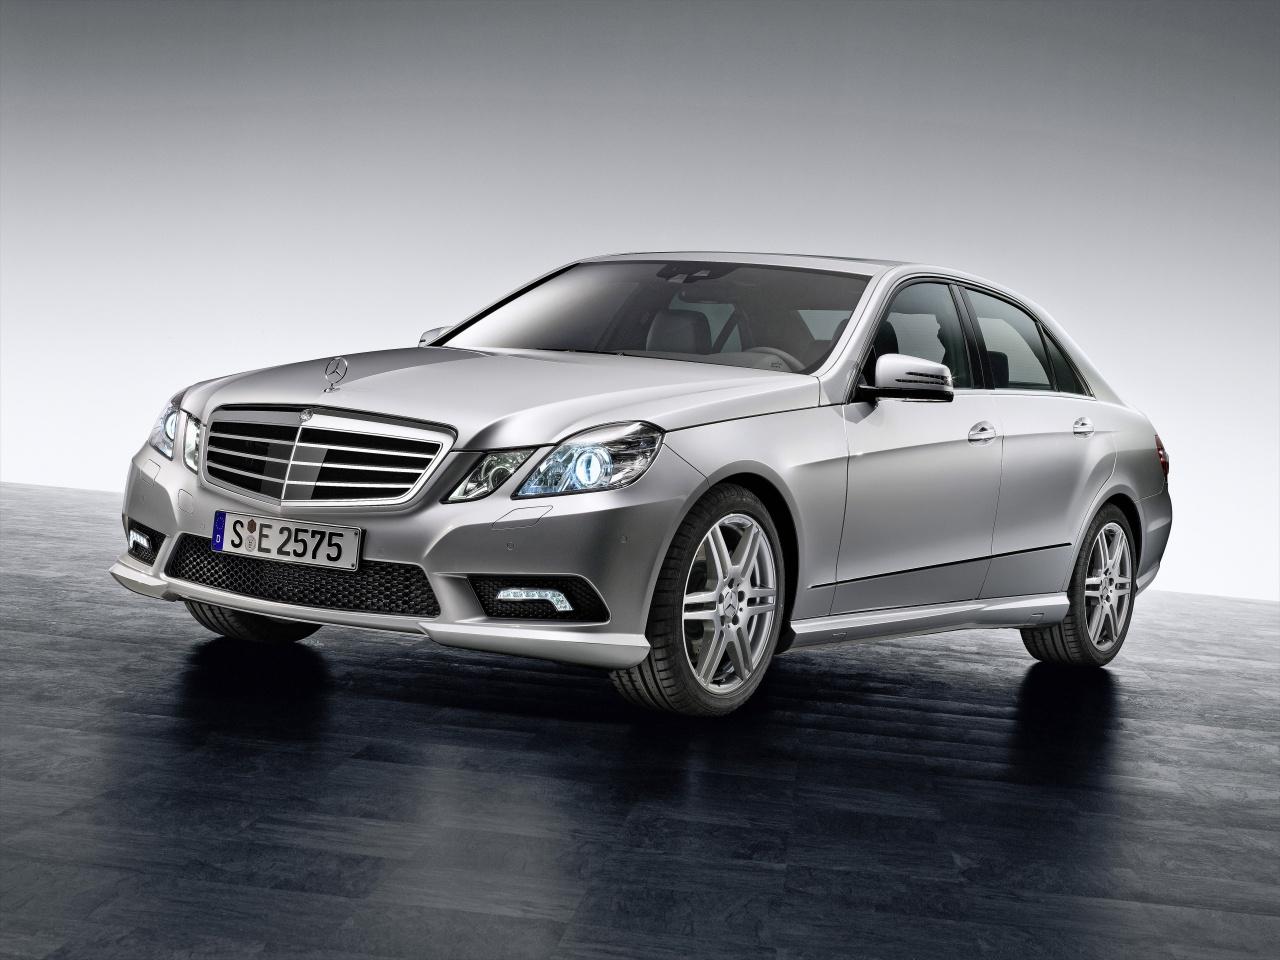 Mercedes-Benz E-Class L (2014) - pictures, information & specs